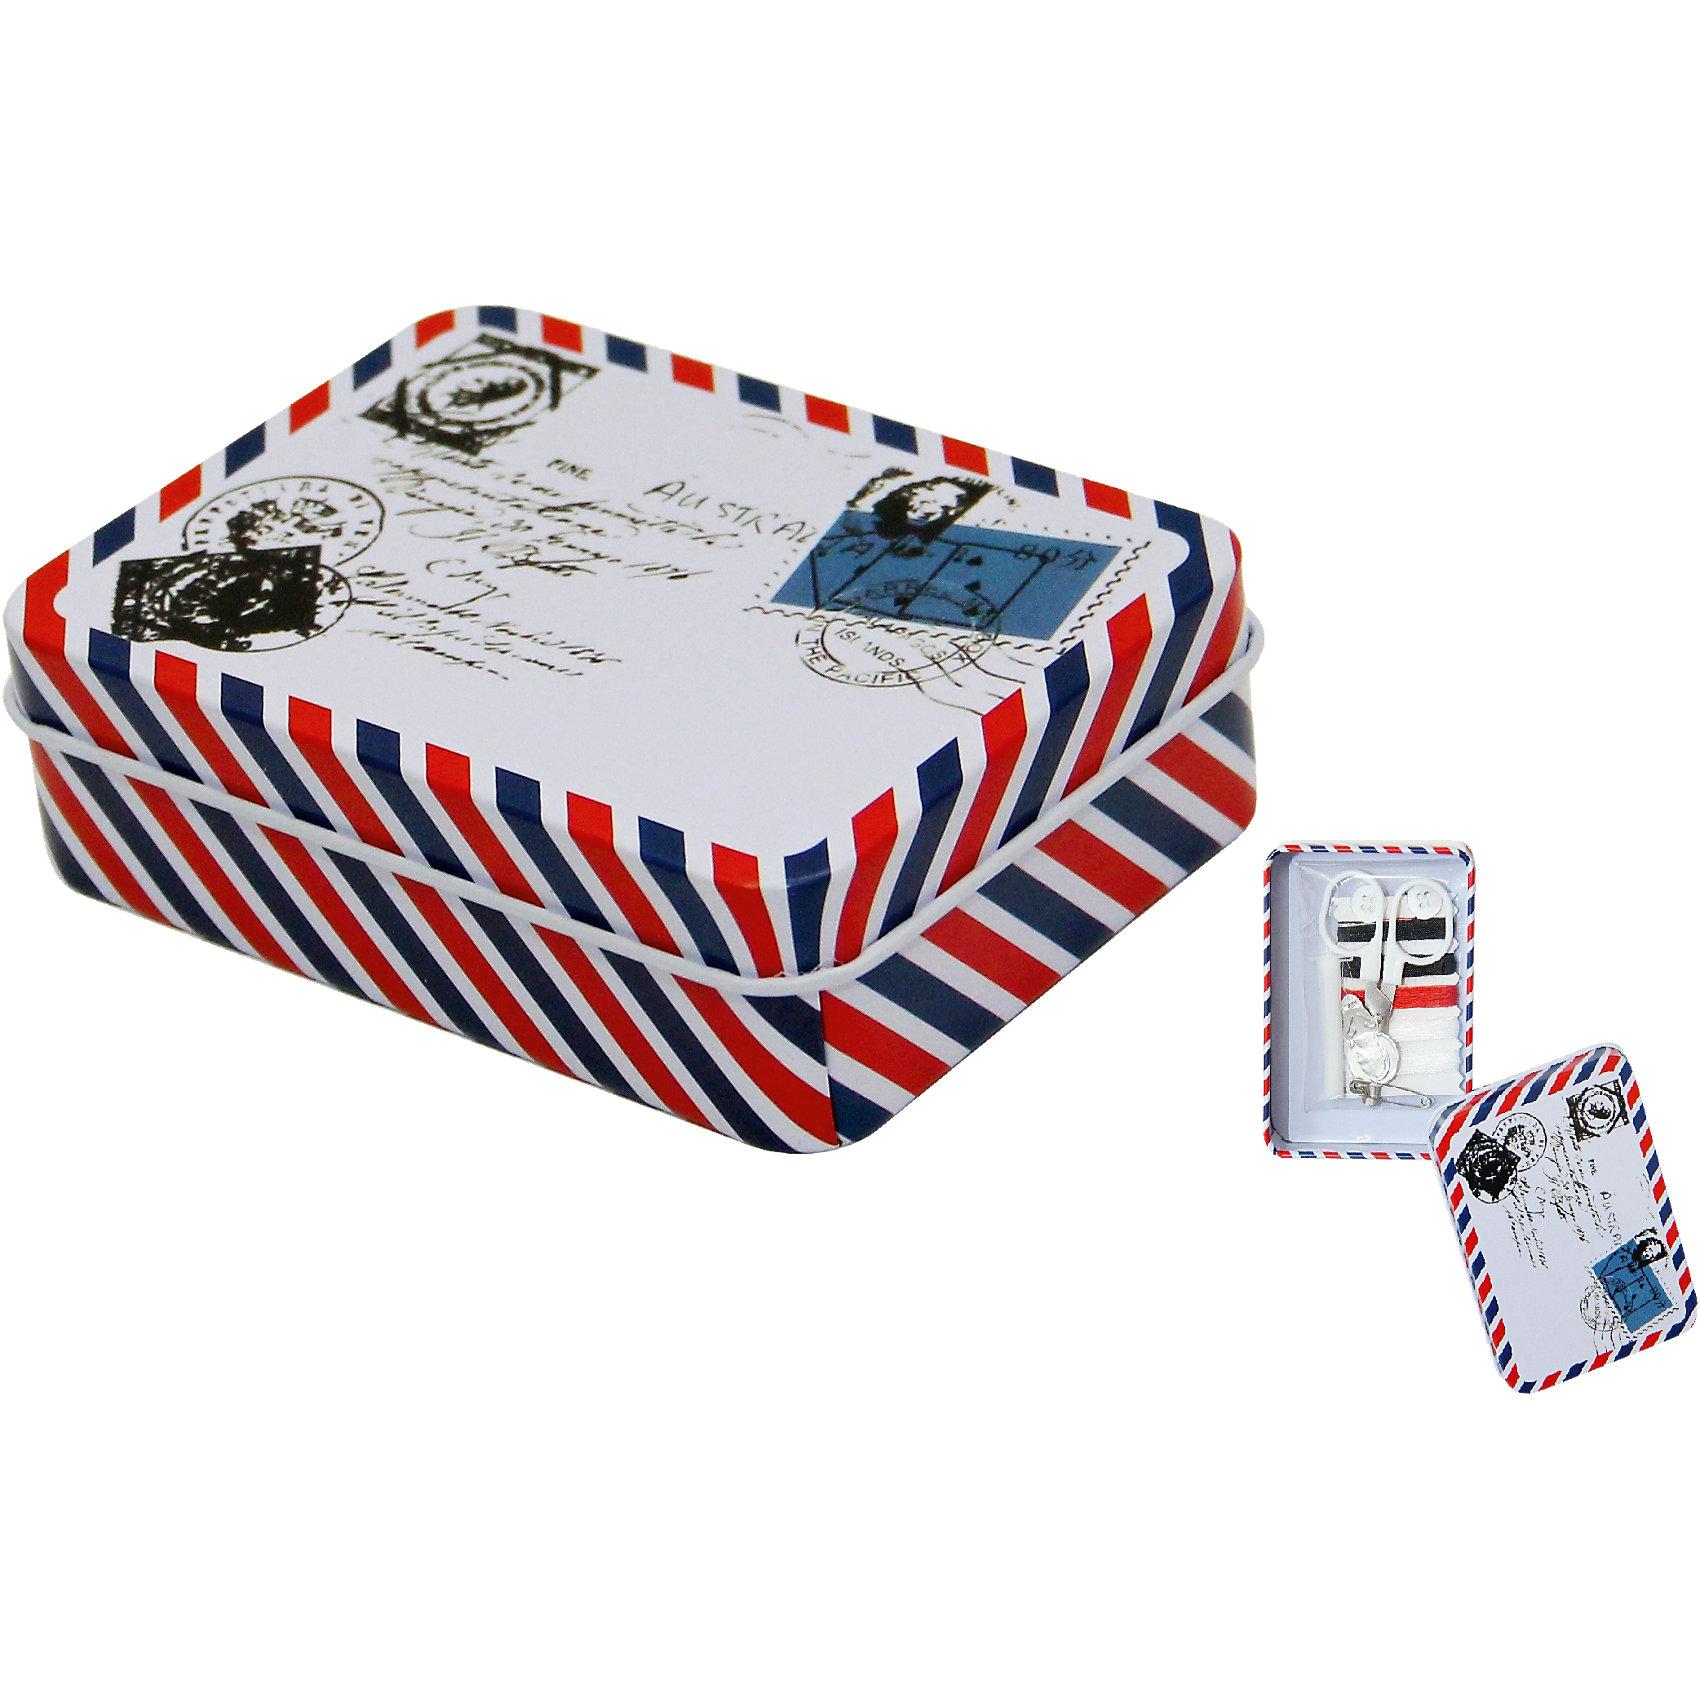 Набор для рукоделия Письмо (5 предметов), Magic HomeНабор для рукоделия - прекрасный подарок юным мастерицам! В нем есть все, чтобы юная рукодельница освоила навыки шитья: набор швейных ниток, две иглы в футляре, английская булавка, пуговица. Все детали набора упакованы в яркую металлическую шкатулку, поэтому они не потеряются и всегда будут под рукой. прекрасный подарок для девочки, развивающий моторику рук, внимание, усидчивость и фантазию. <br><br>Дополнительная информация:<br><br>- Материал: металл, пластик, текстиль, бумага, полиэстер.<br>- Комплектация: швейные нитки (5 цветов, 100%) игла ручная из высокоуглеродистой стали в футляре (2шт), английская булавка из  высокоуглеродистой стали (1шт), пуговица.<br>- Размер упаковки: 9,5х7х3 см.<br><br>Набор для рукоделия Письмо (5 предметов) можно купить в нашем магазине.<br><br>Ширина мм: 95<br>Глубина мм: 70<br>Высота мм: 30<br>Вес г: 56<br>Возраст от месяцев: 216<br>Возраст до месяцев: 1200<br>Пол: Унисекс<br>Возраст: Детский<br>SKU: 4548387